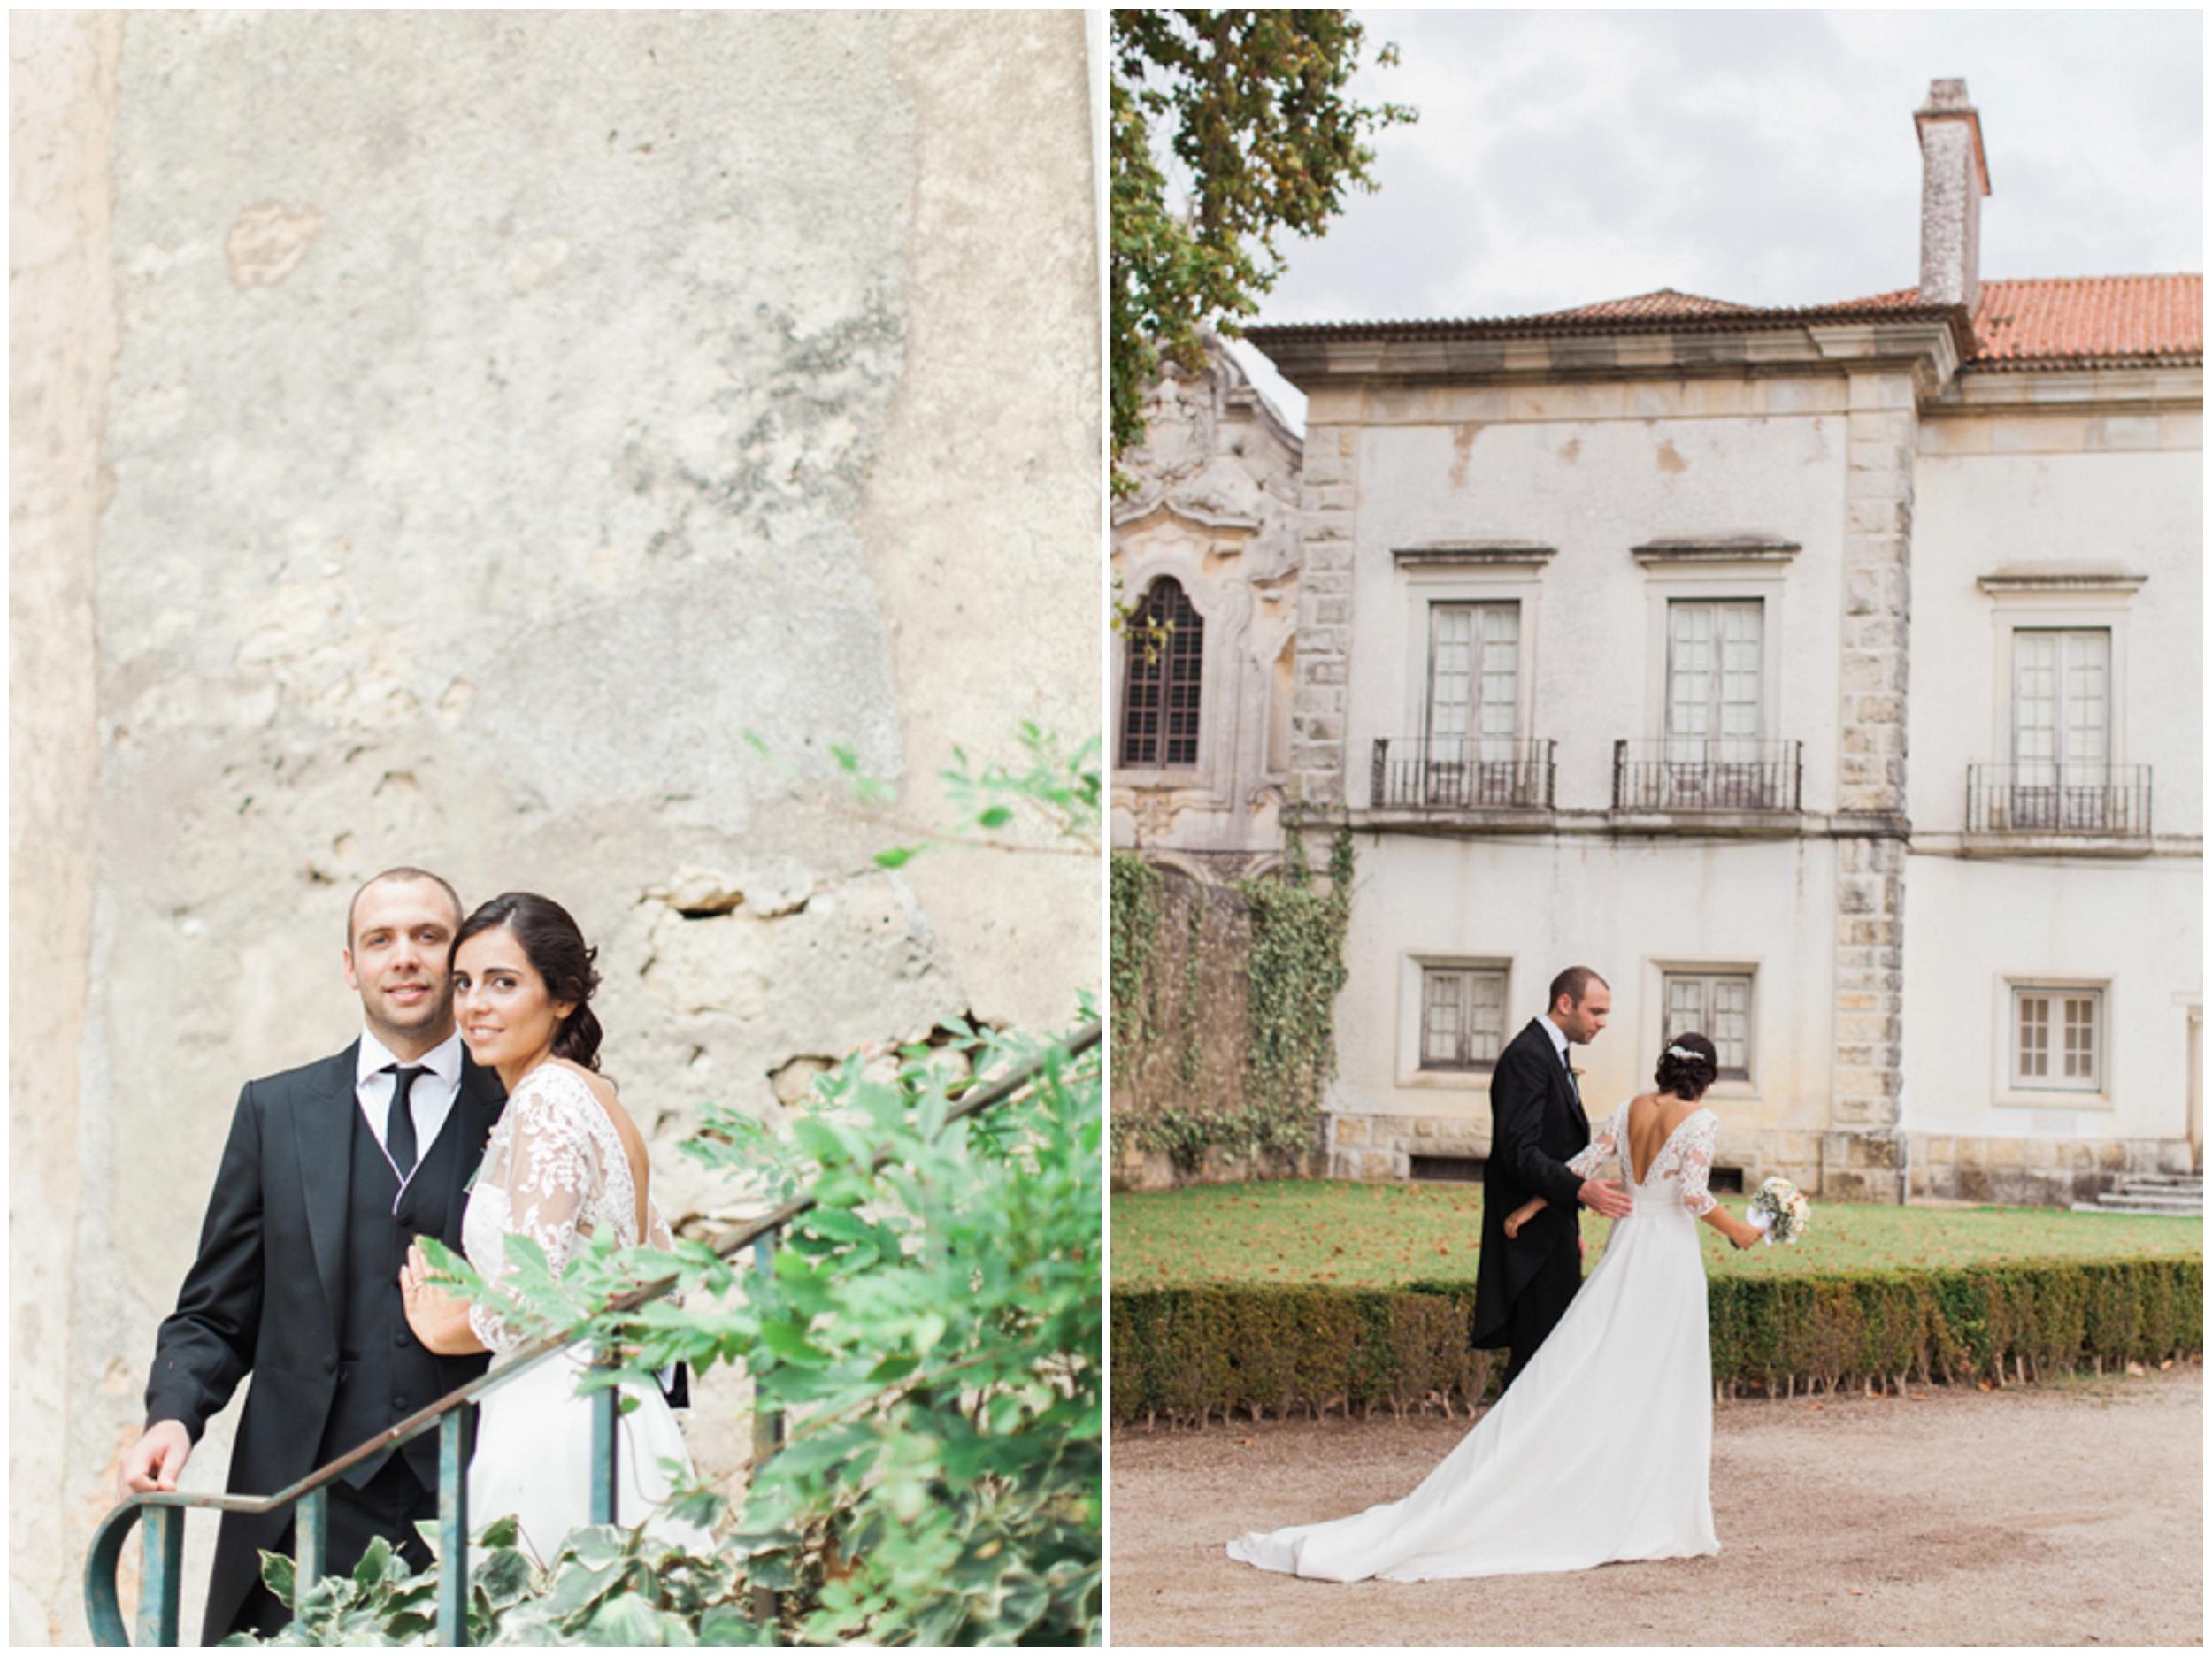 mariarao+wedding+photographer+cascais_0400.jpg